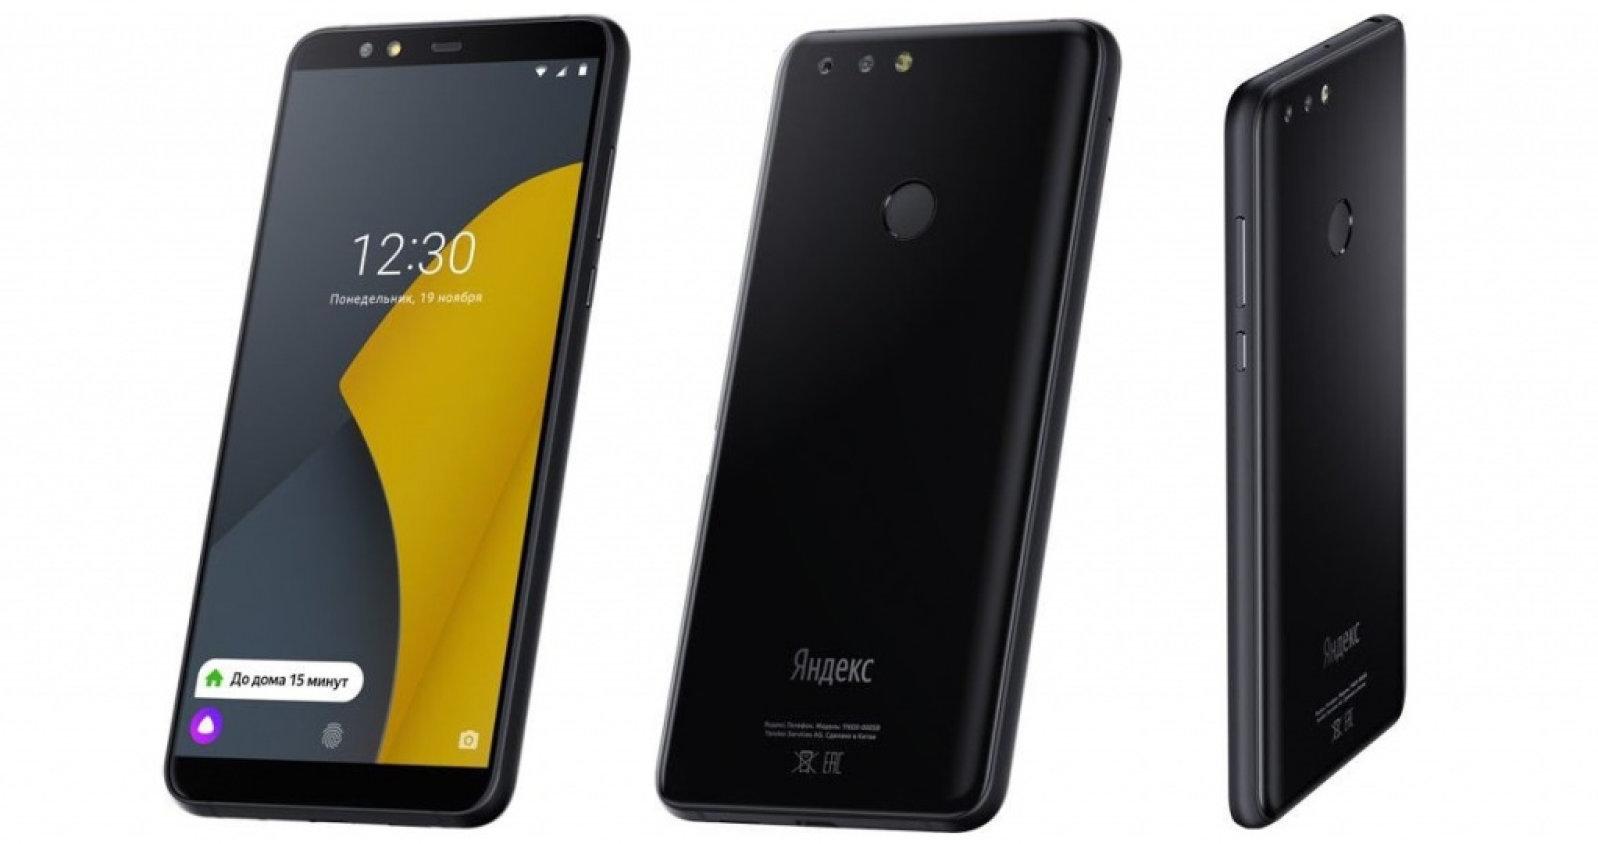 Spoločnosť Yandex predstavila svoj prvý smartfón